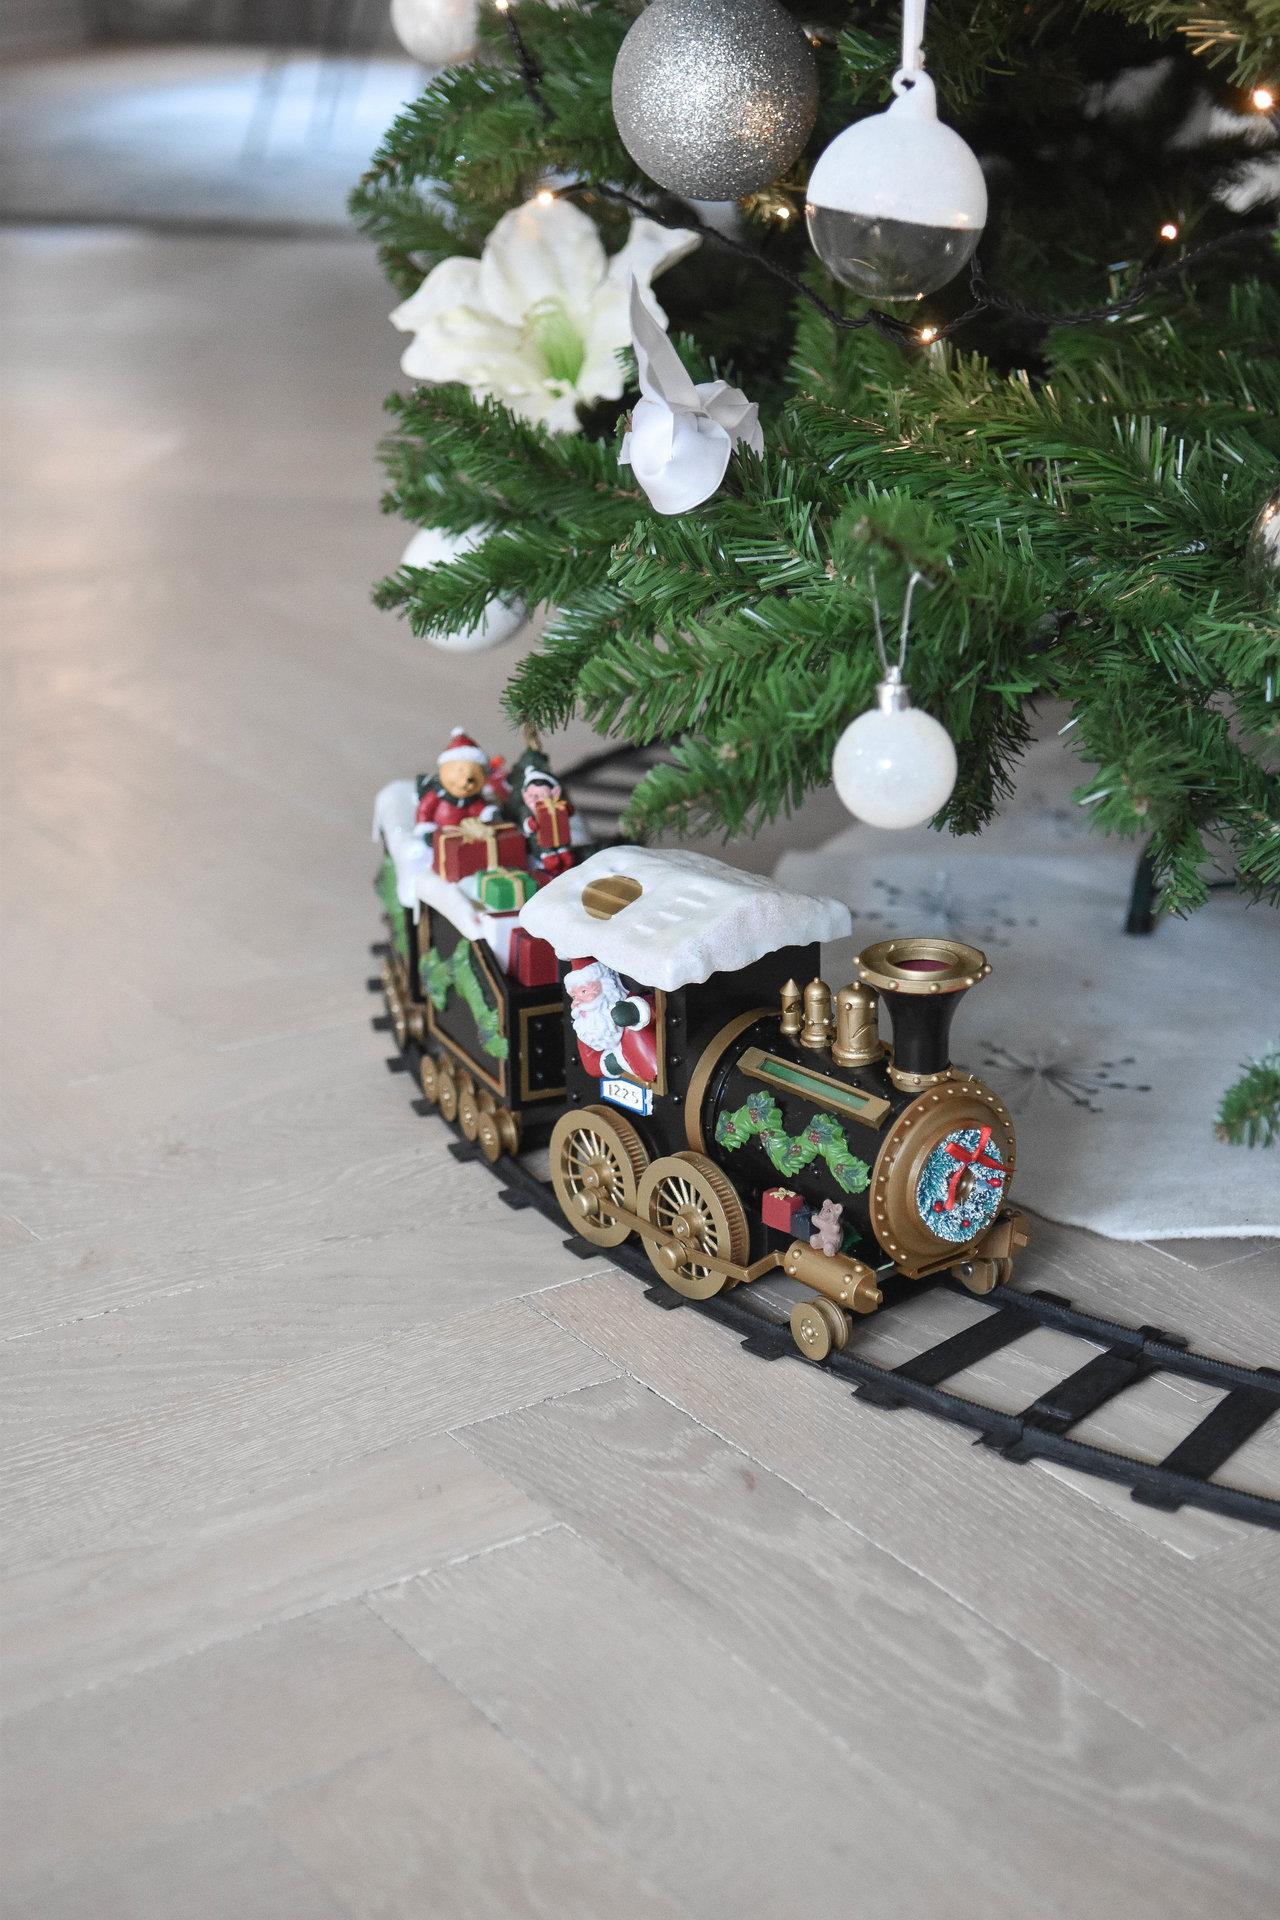 tåg till julgranen